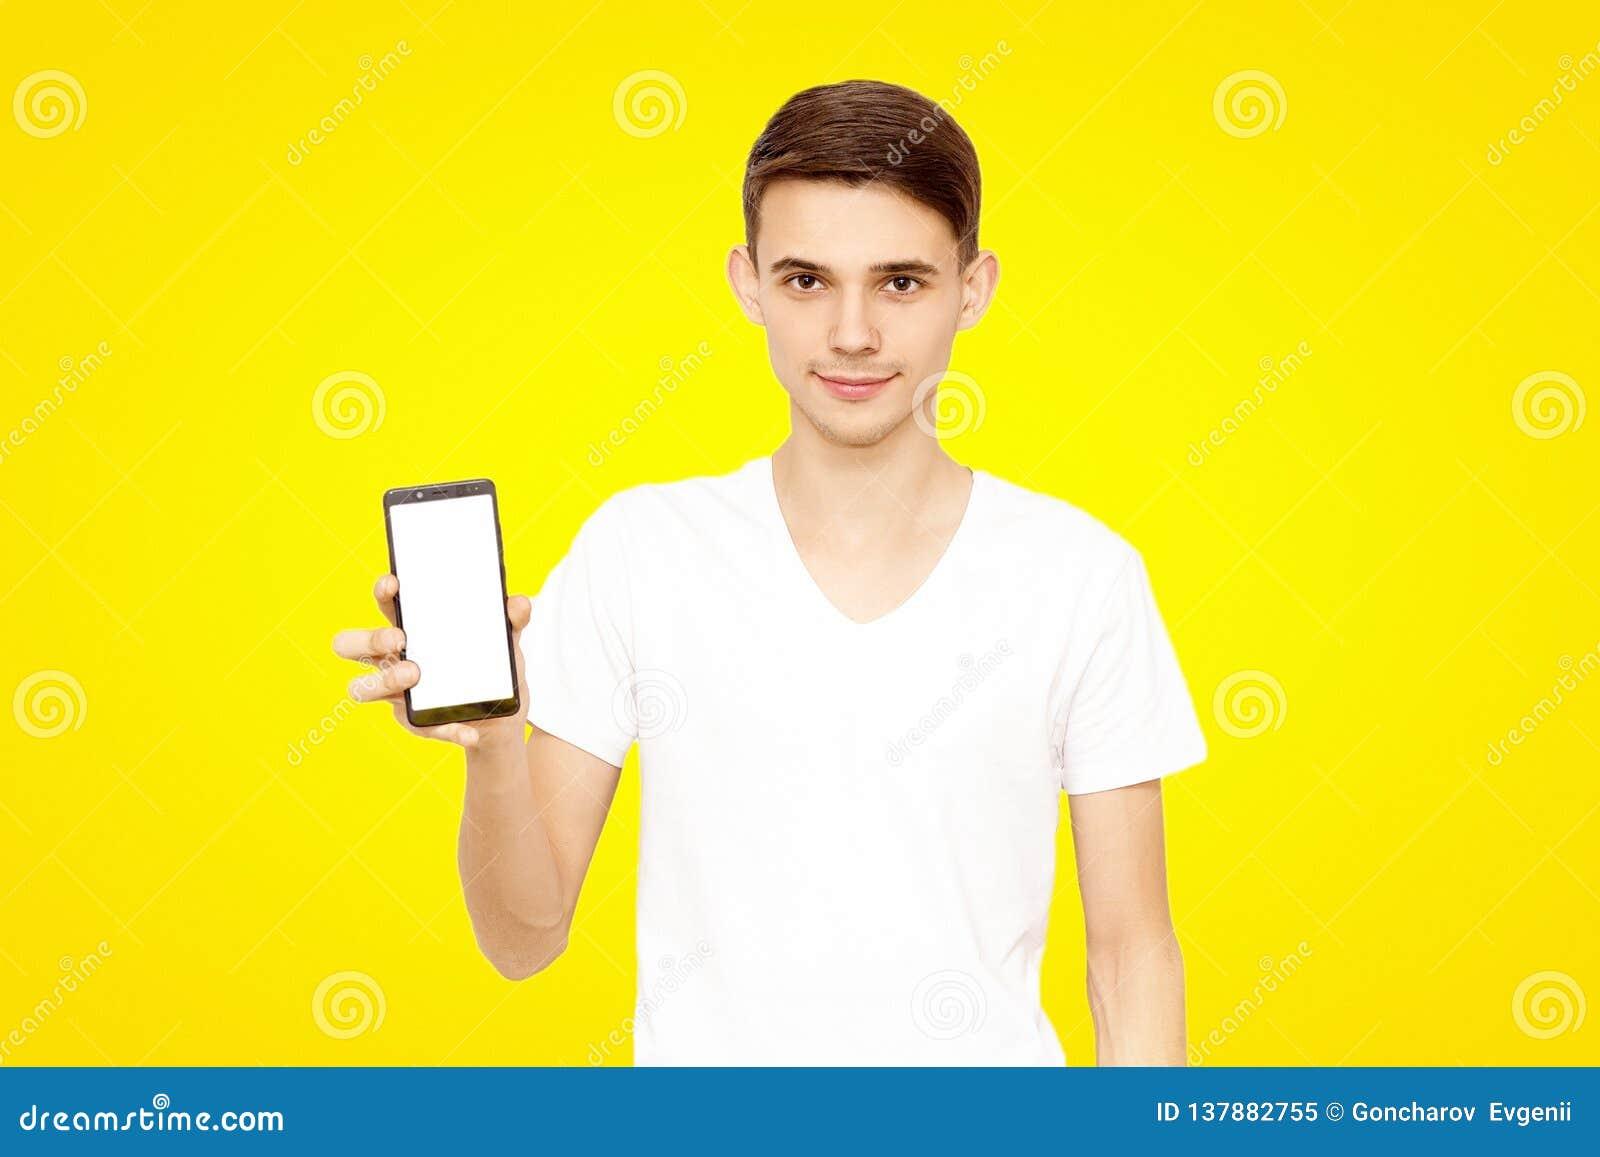 Grabben i den vita T-tröja annonserar telefonen, på en gul bakgrund